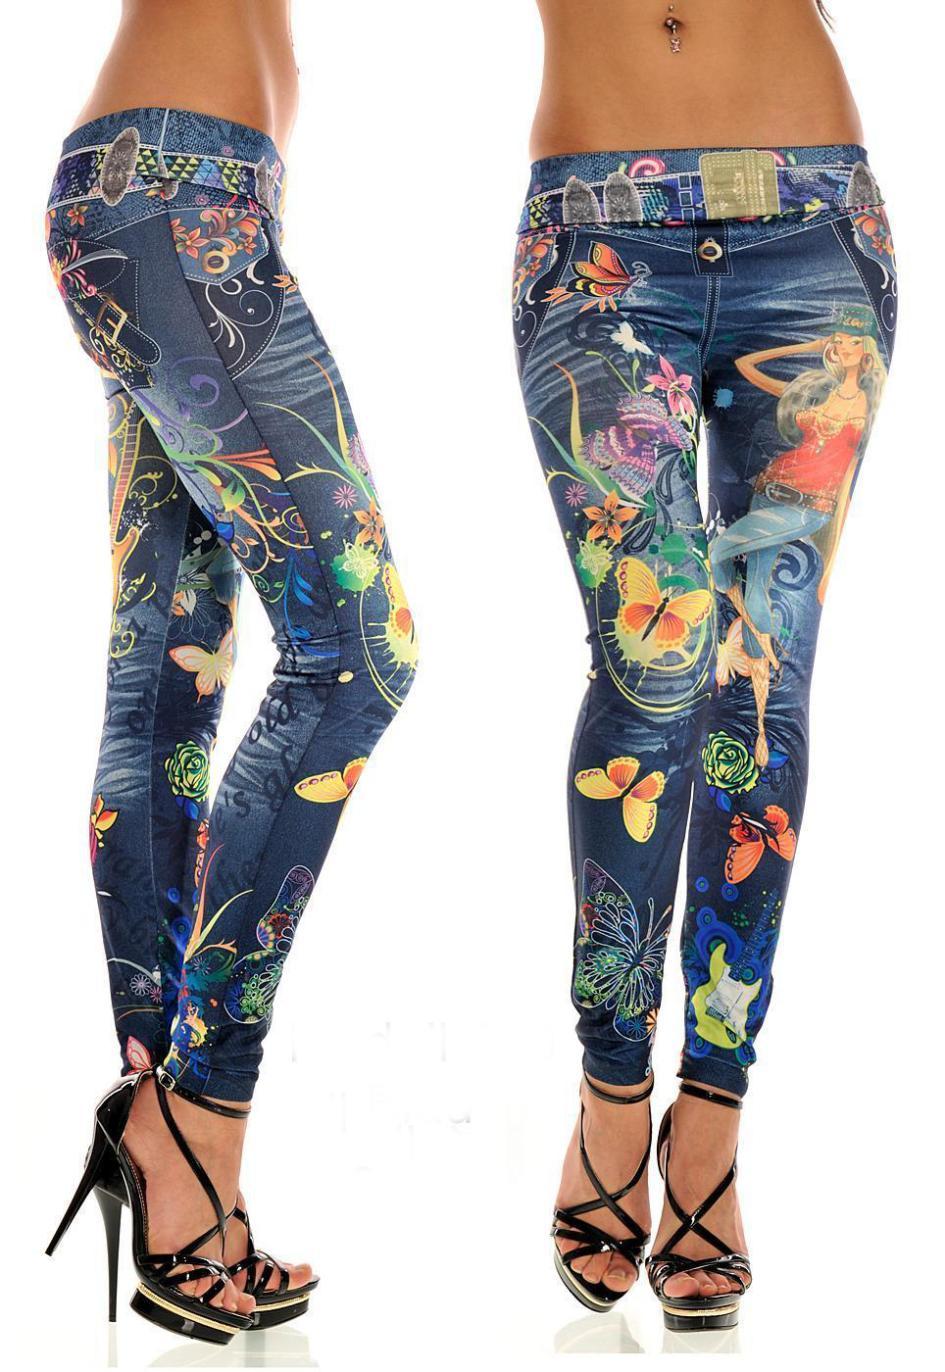 купить Женские джинсы Topsee 9052 women trousers дешево